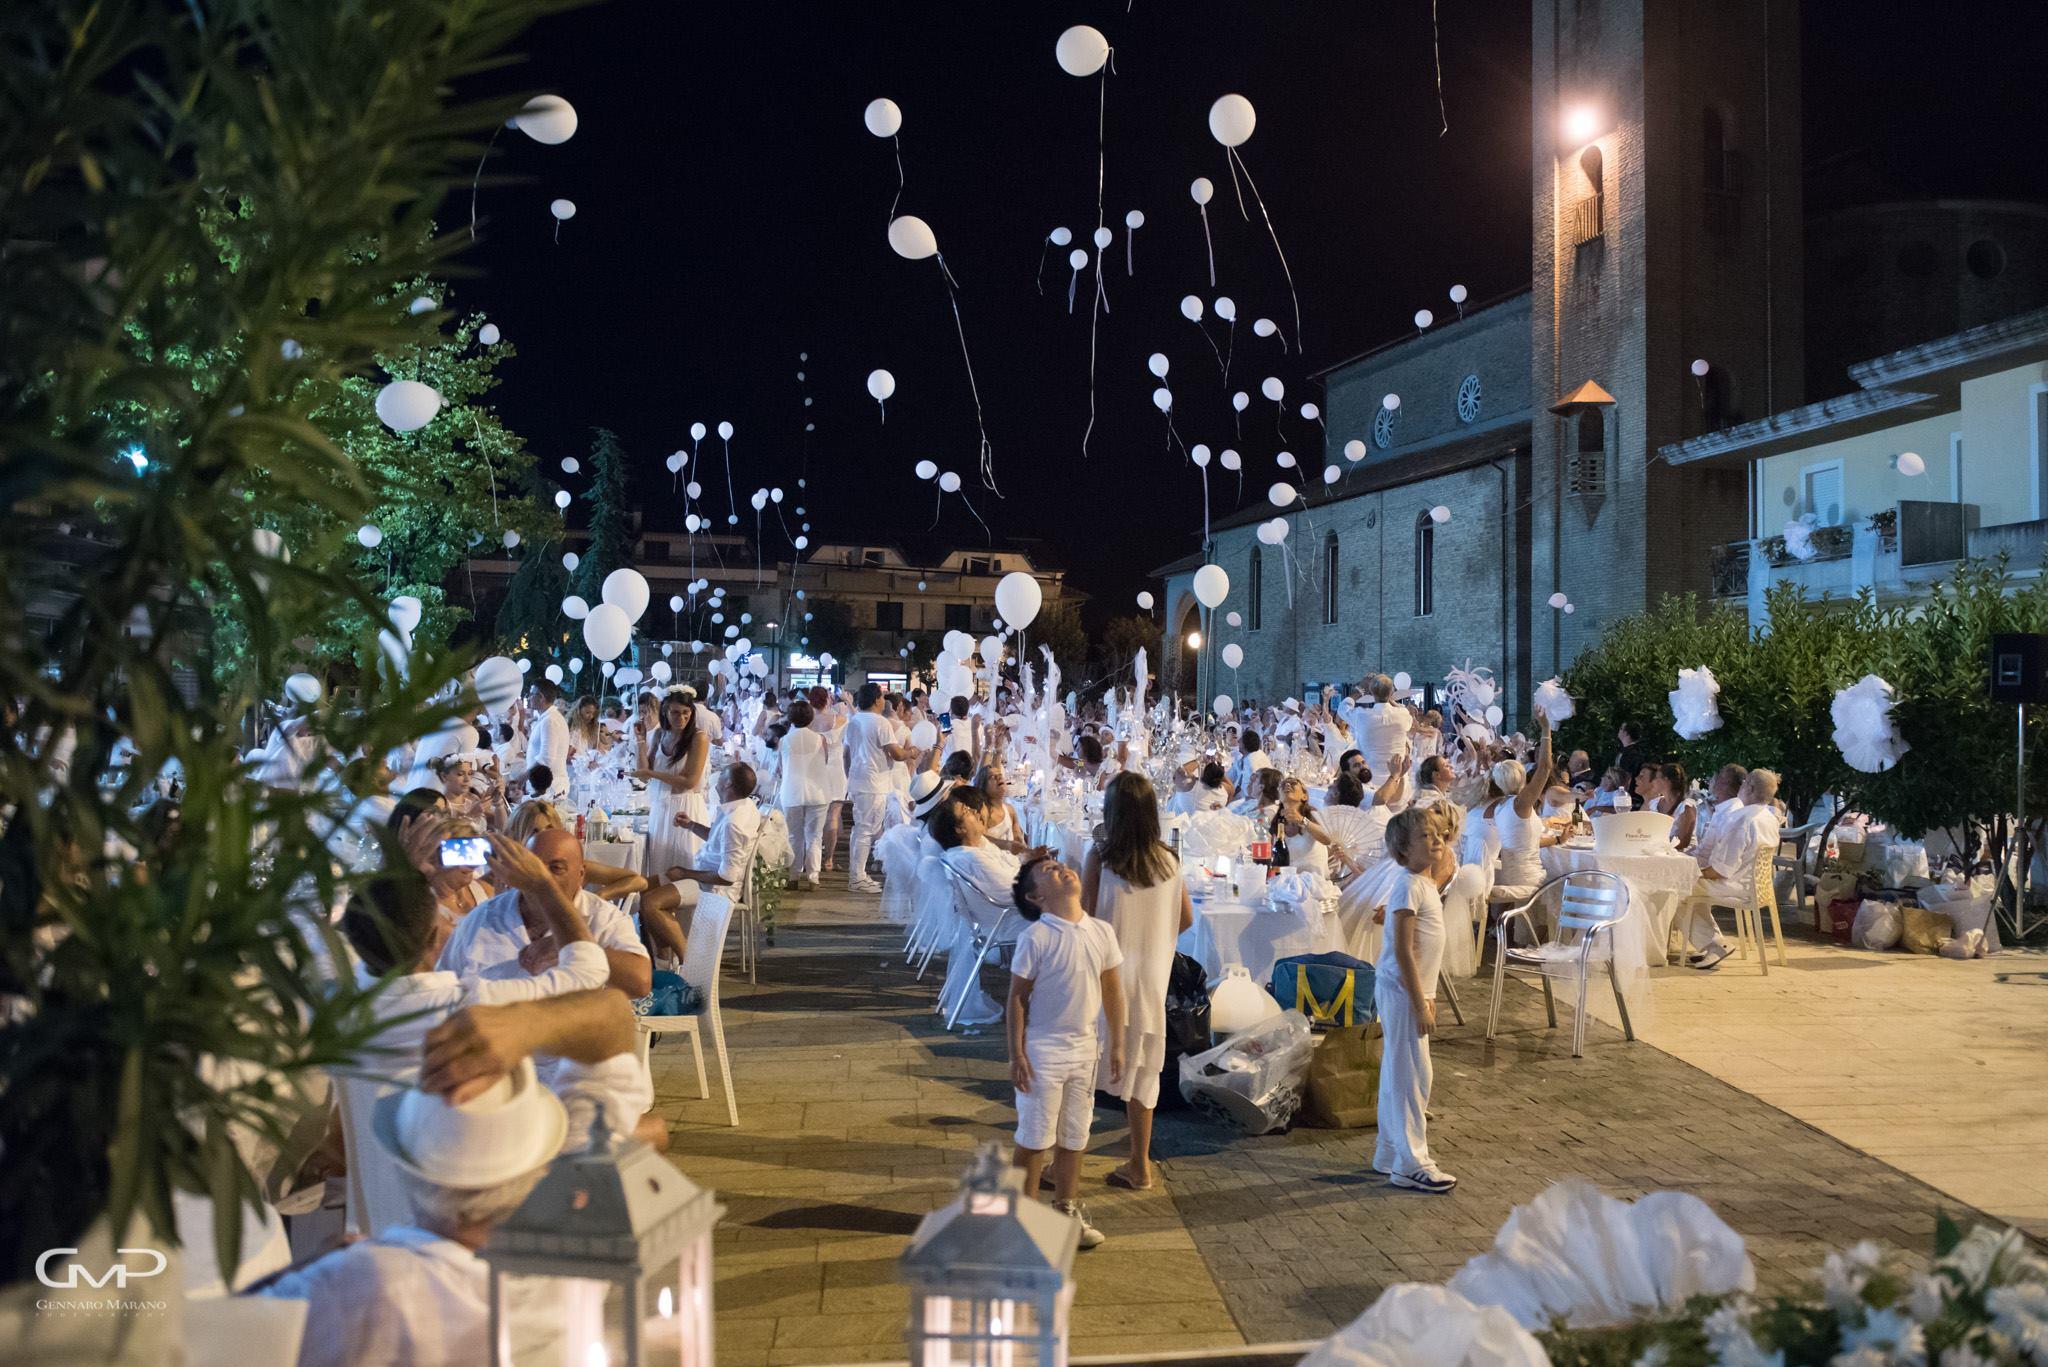 Torna la cena in bianco a Martinsicuro: il dress code è d'obbligo